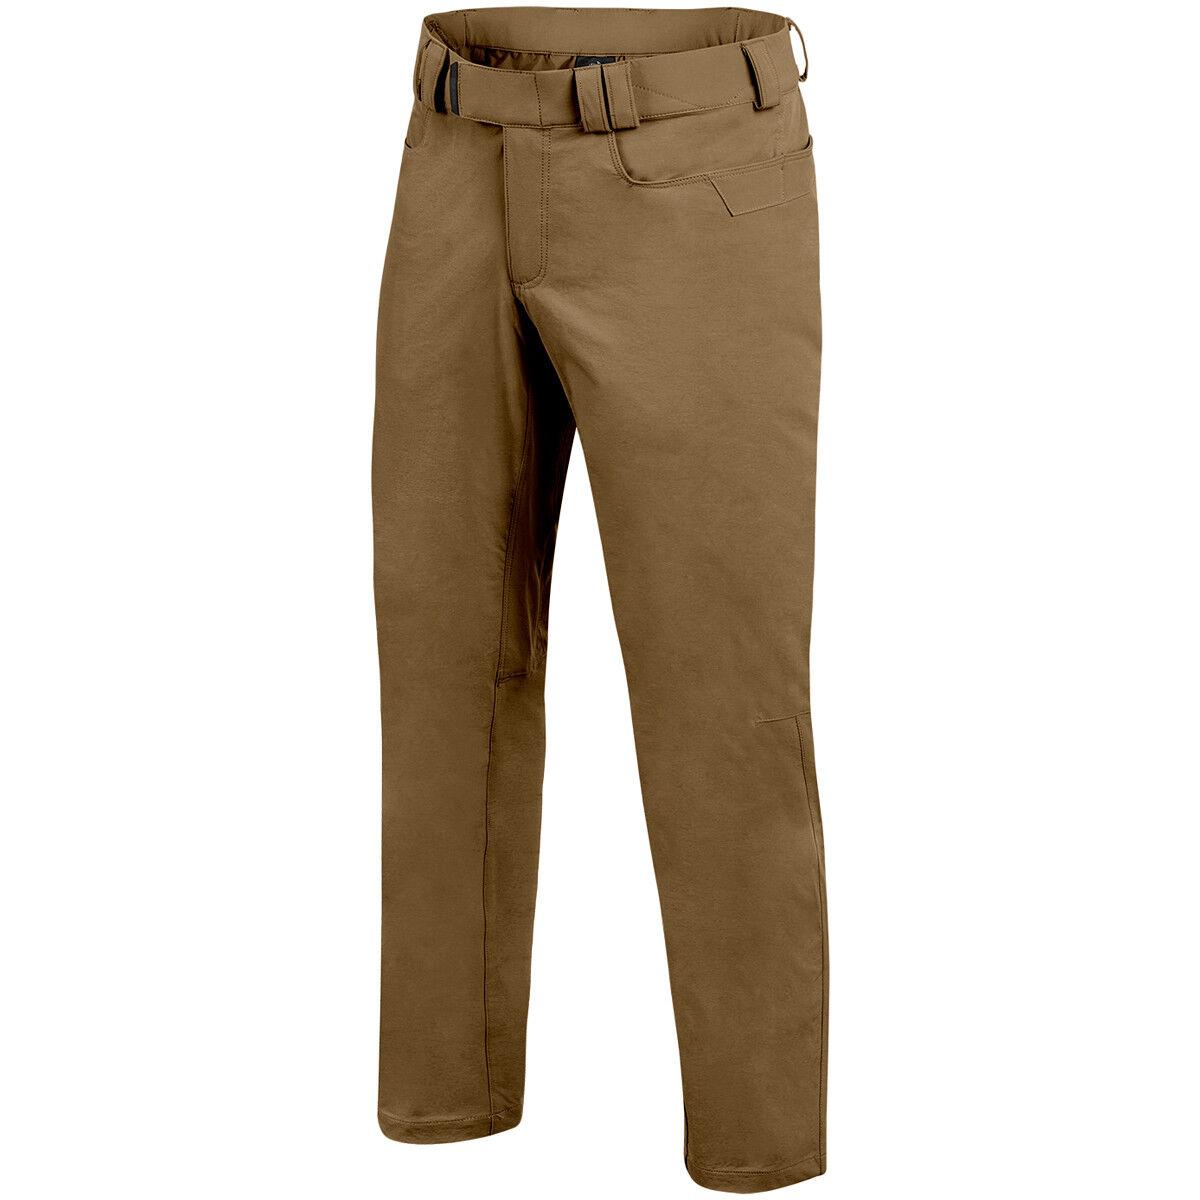 Helikon CTP Covert Brown Tactical Pants Homme Airsoft Sécurité Pantalon Mud Brown Covert 967f89